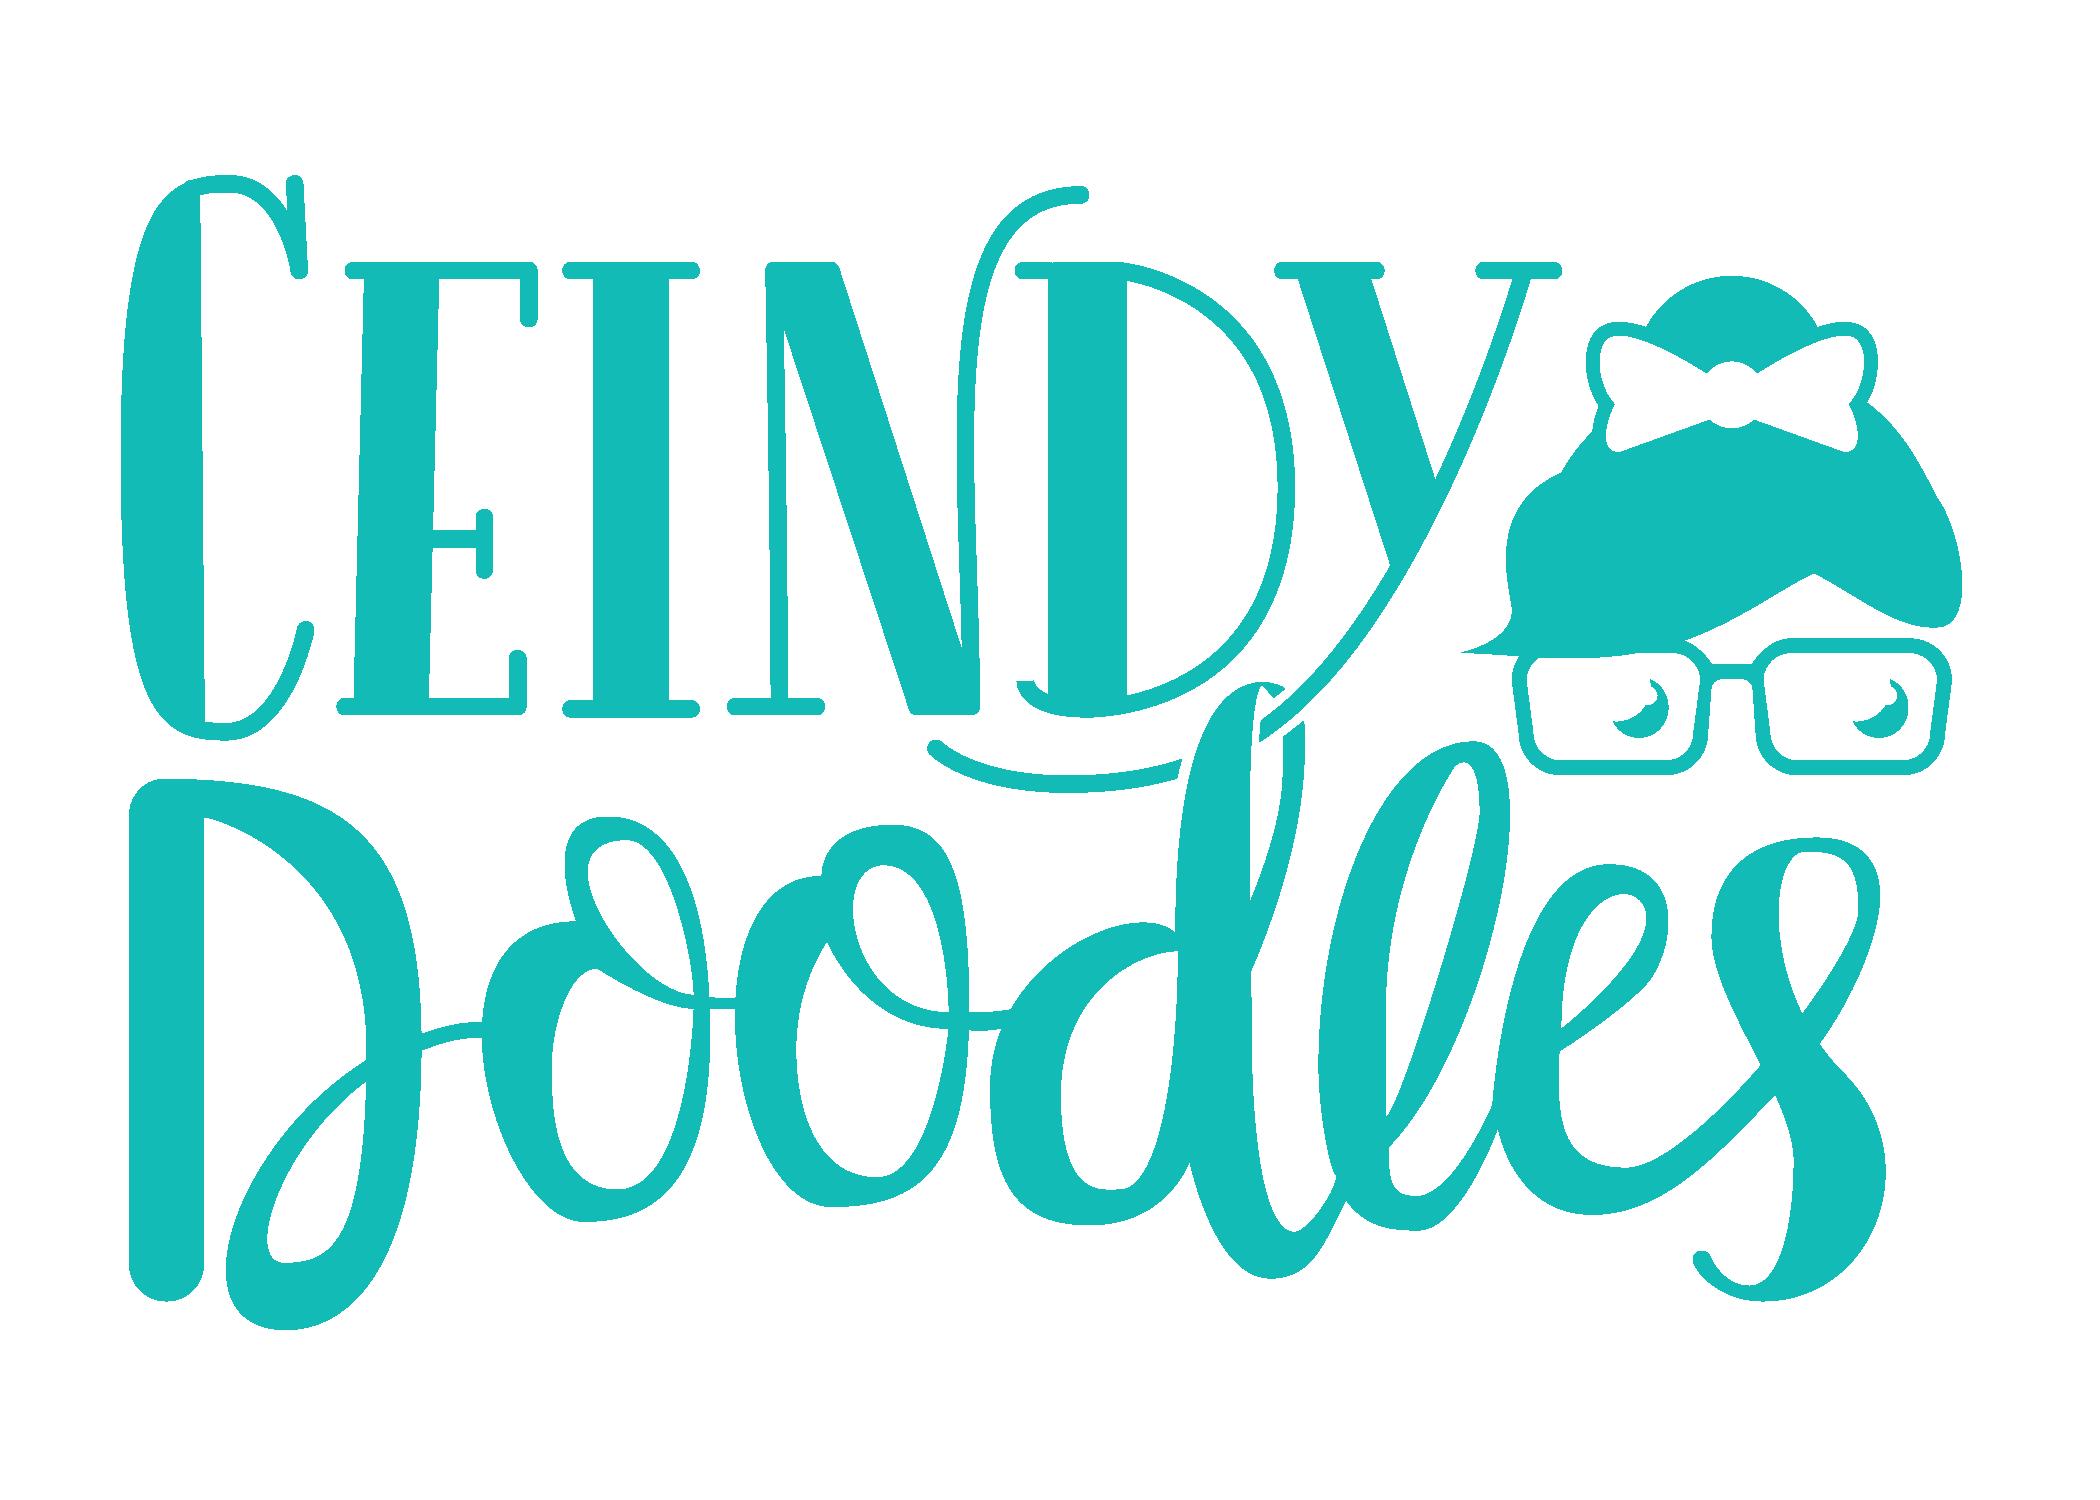 Ceindydoodles's Artist Shop Logo